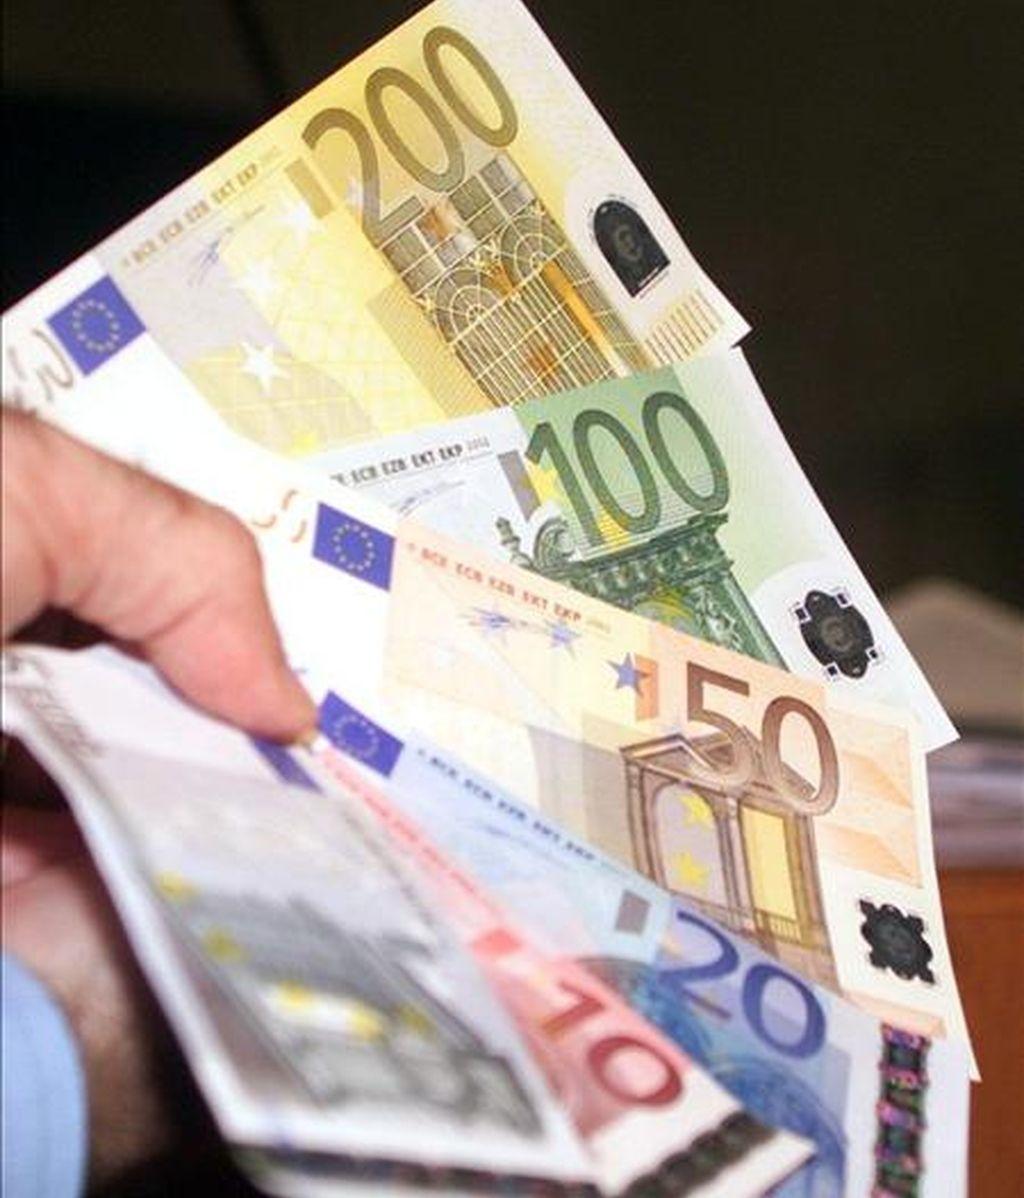 La economía española se contraerá el 3,6% en 2009 y mostrará un moderado avance del 0,3% en 2010, según el último informe semestral de la economía española elaborado por Caixa Catalunya, que estima además que este año se cerrará con una tasa de inflación negativa del 0,3%. EFE/Archivo